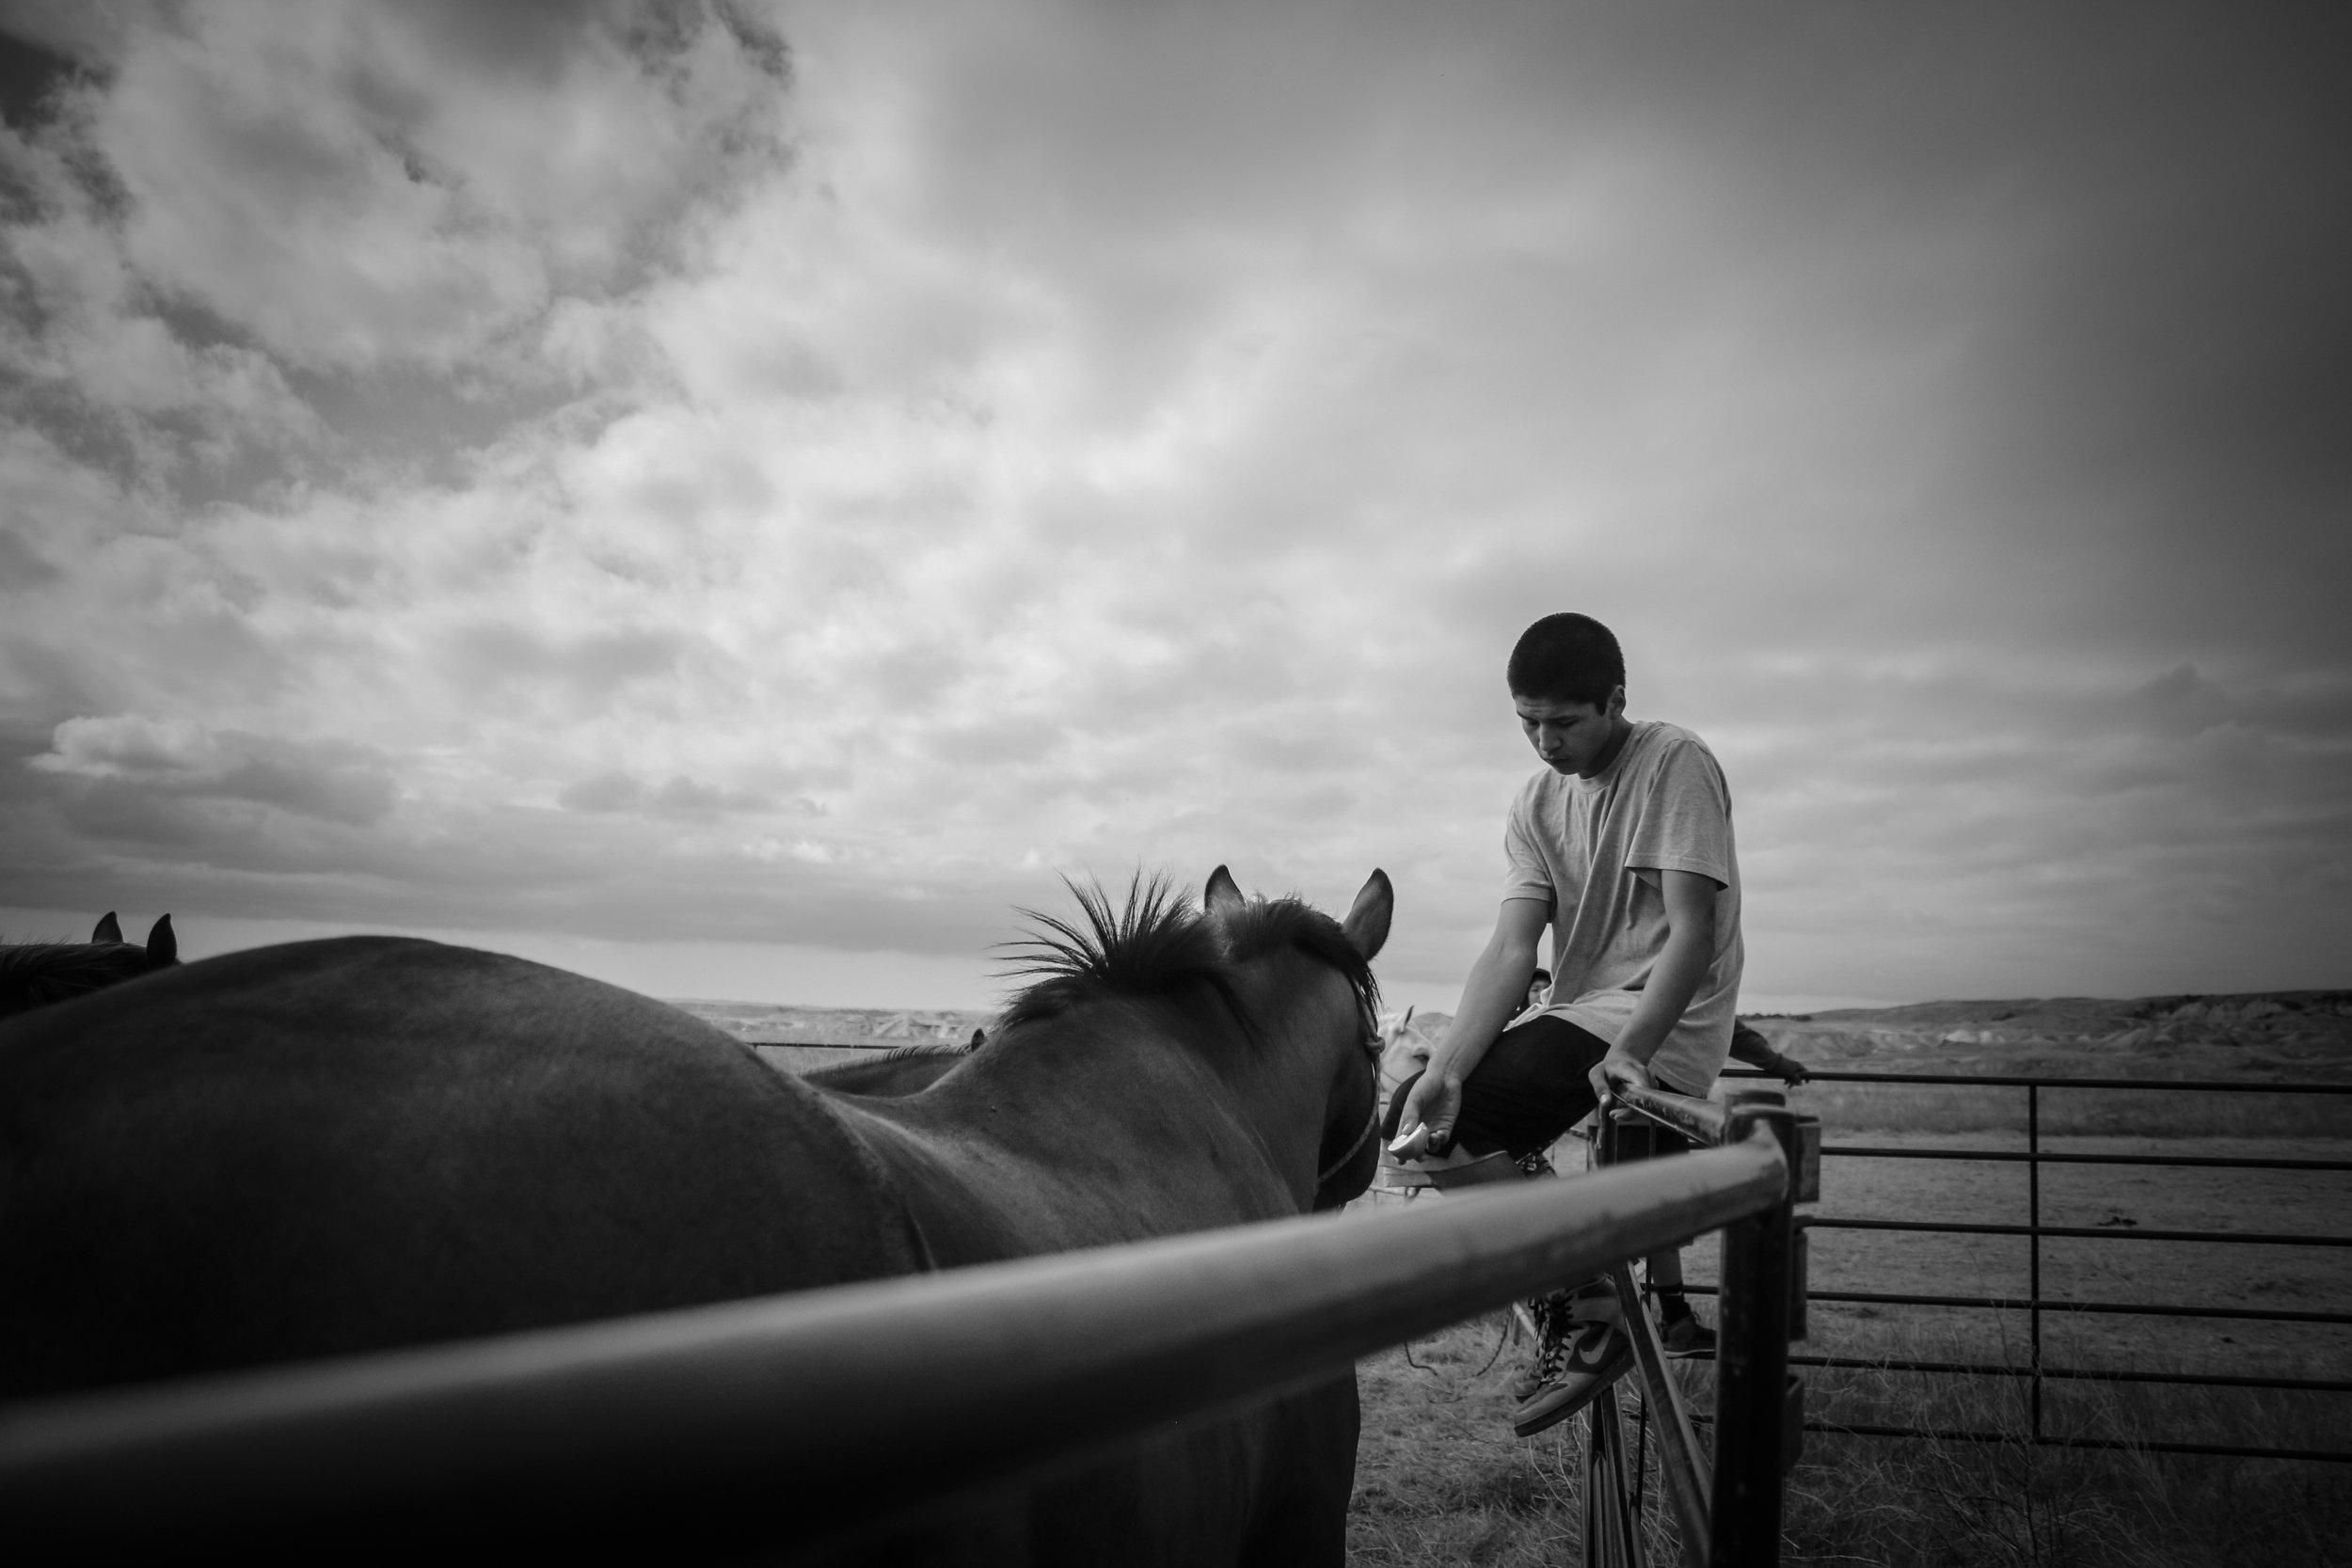 HSS_Boy_Feeding_Horse.jpg